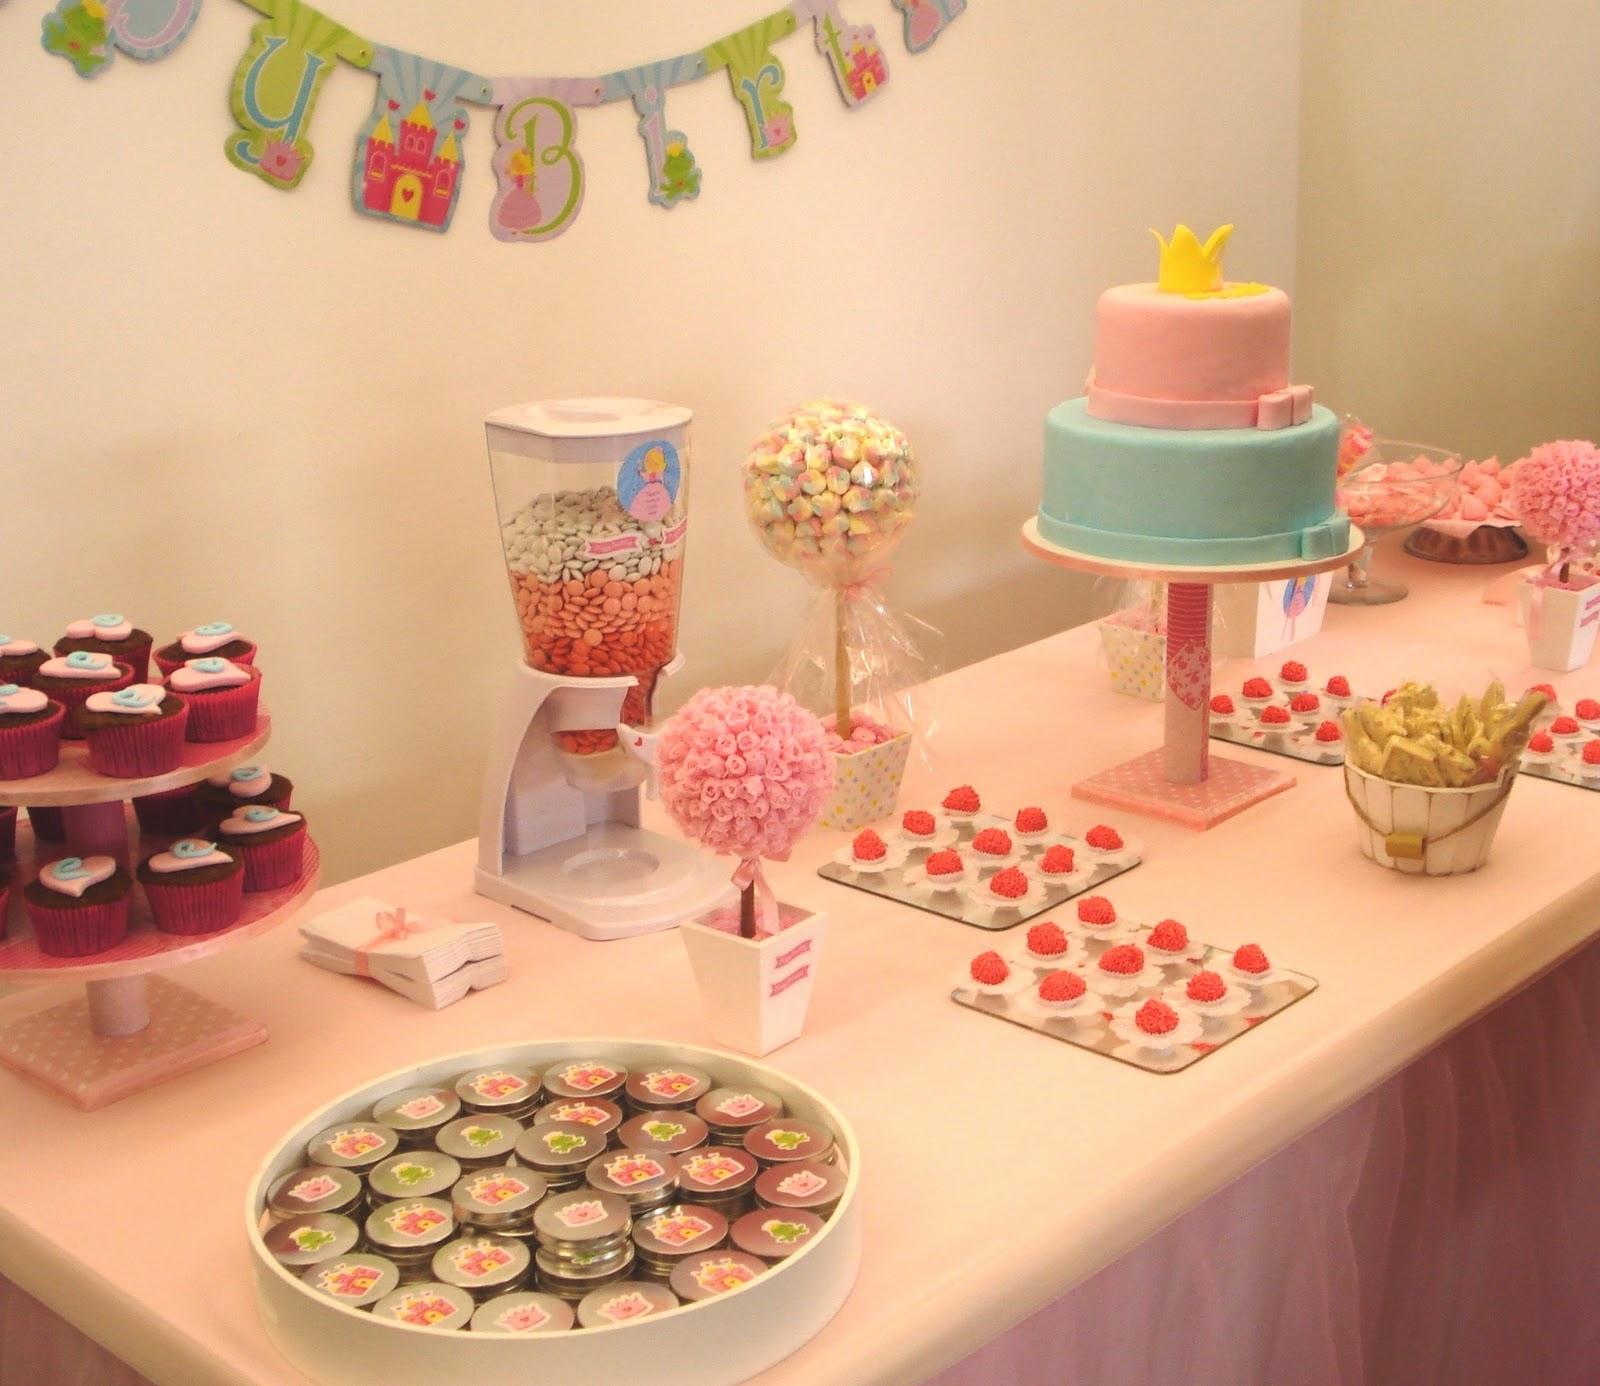 decoracao festa simples:decoração+festa+infantil+++mesa+de+bolo+festa+infanti+++aniverário